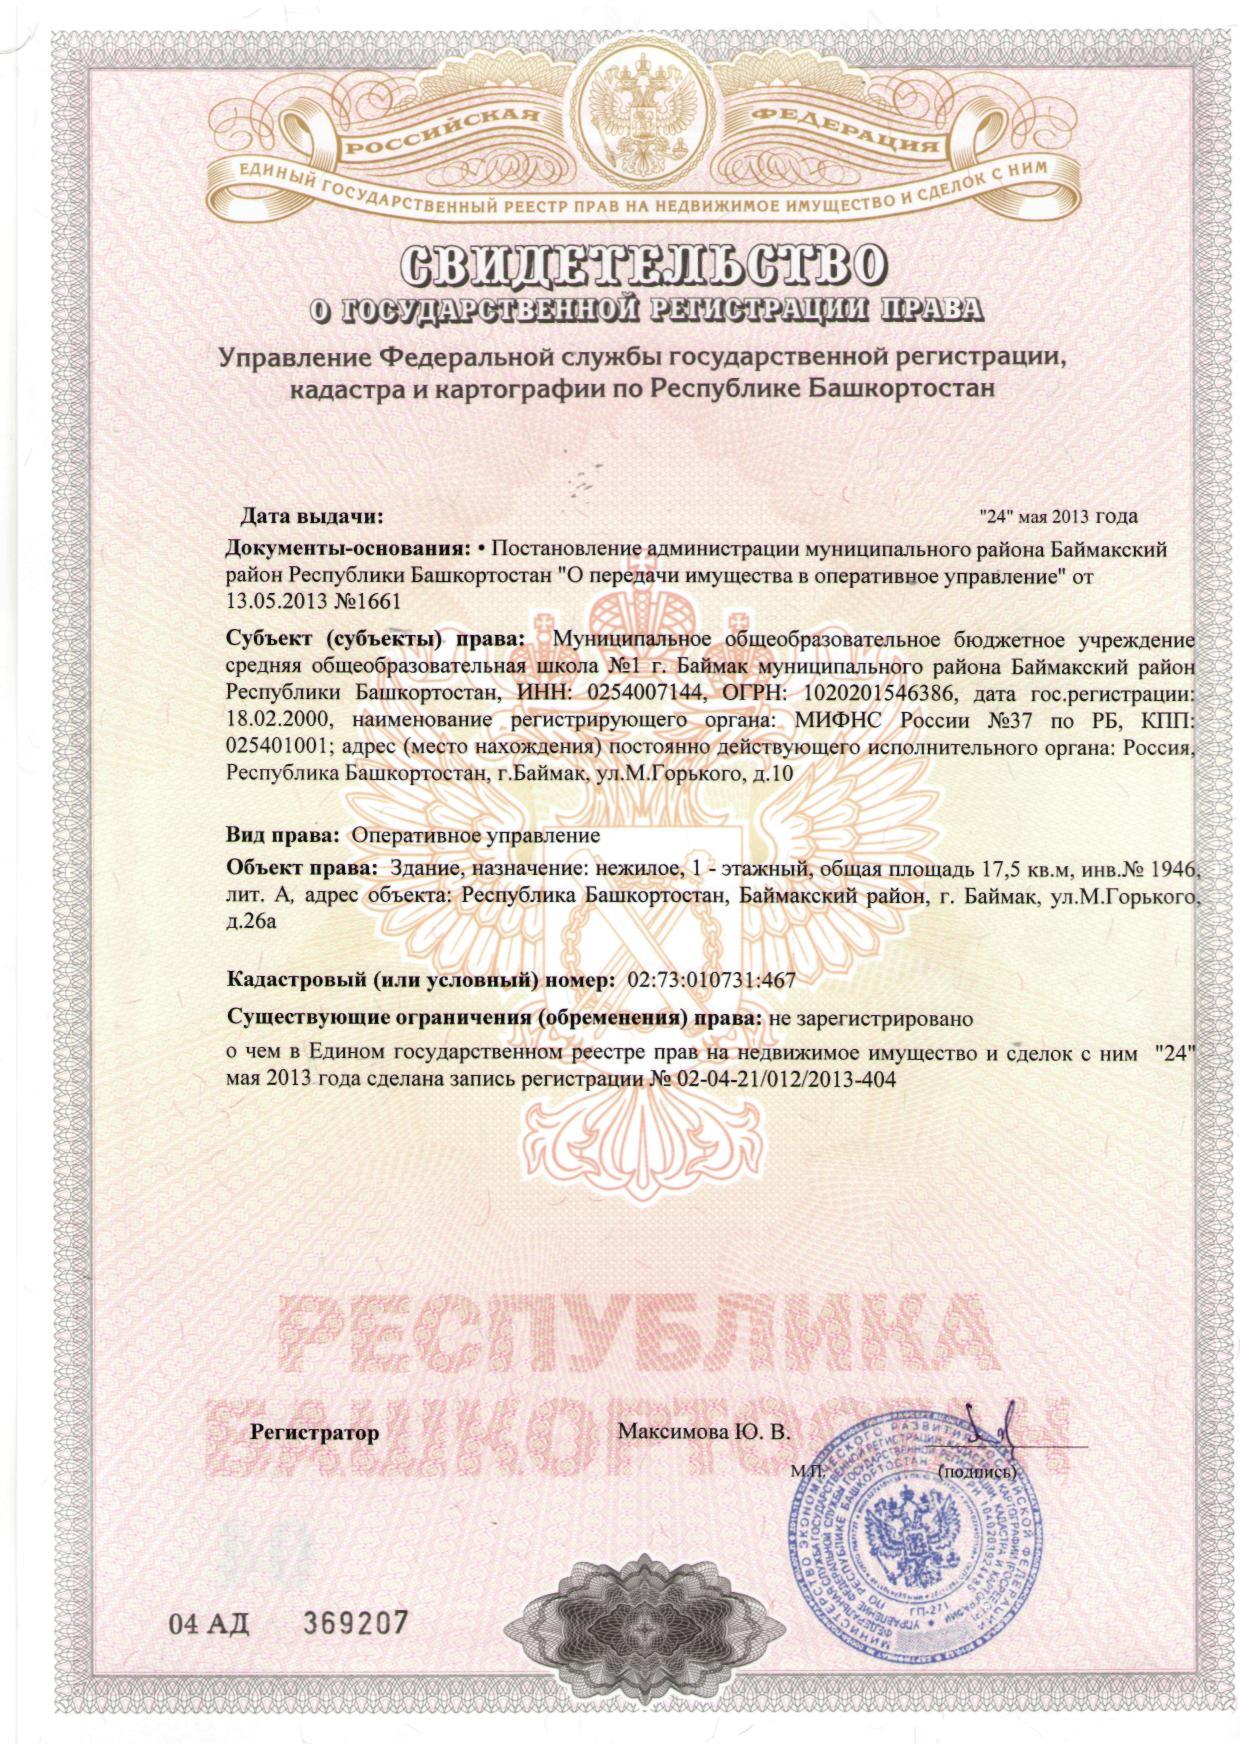 в какое управление государственной регистрации прав на недвижимое имущество Диаспаре